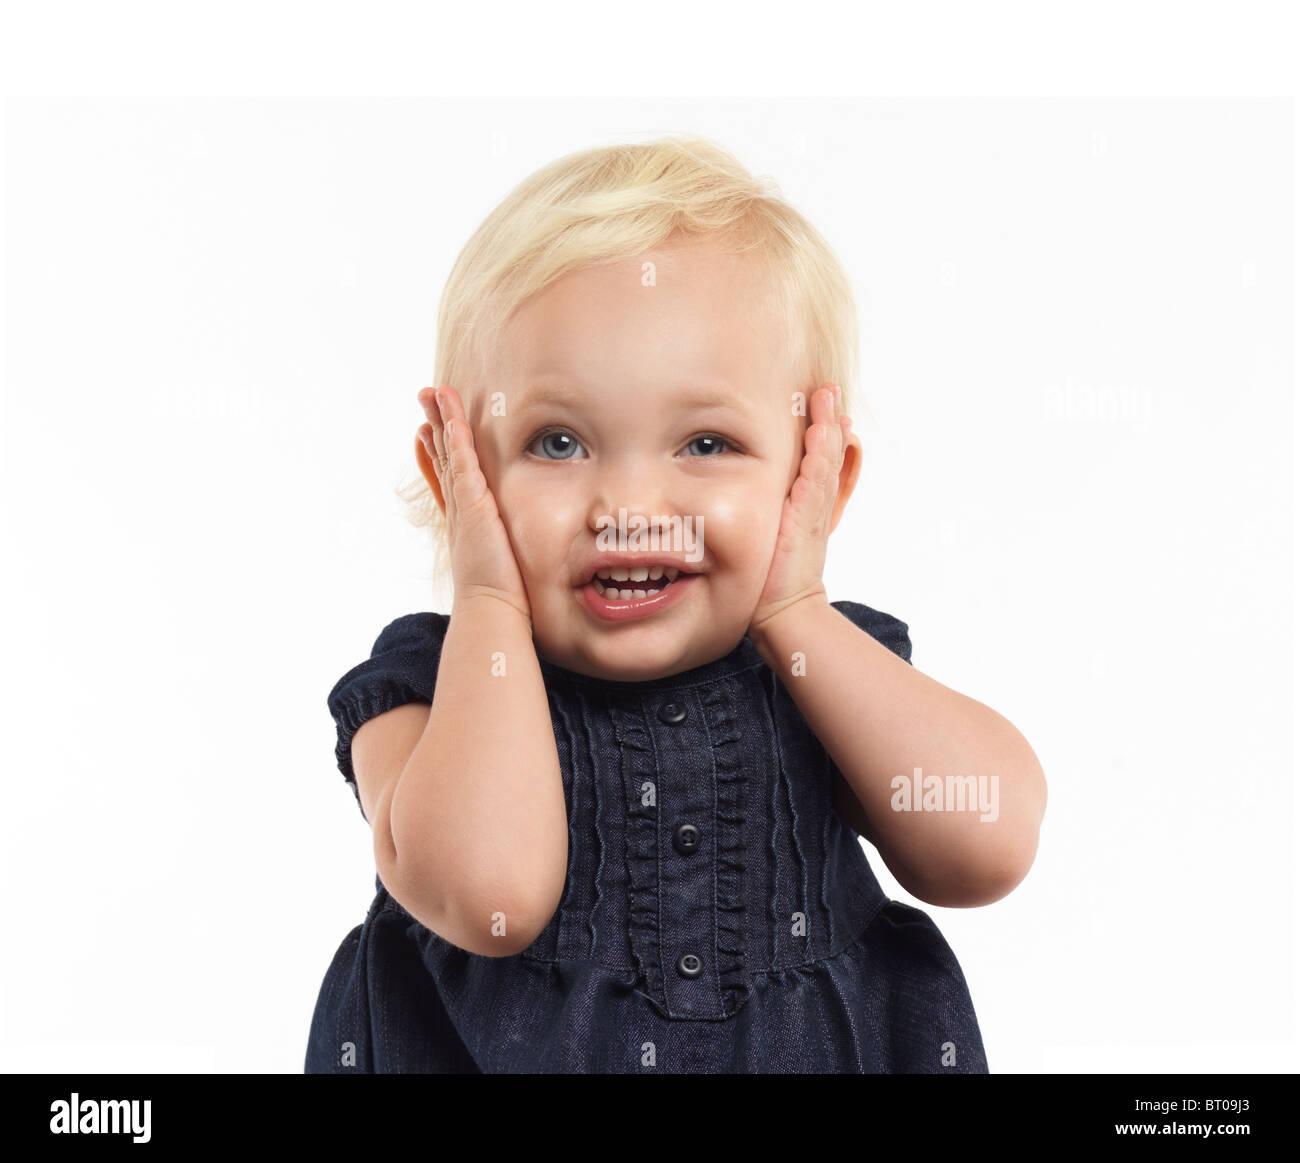 Retrato de una niña de dos años de poner una cara graciosa aislado sobre fondo blanco. Imagen De Stock